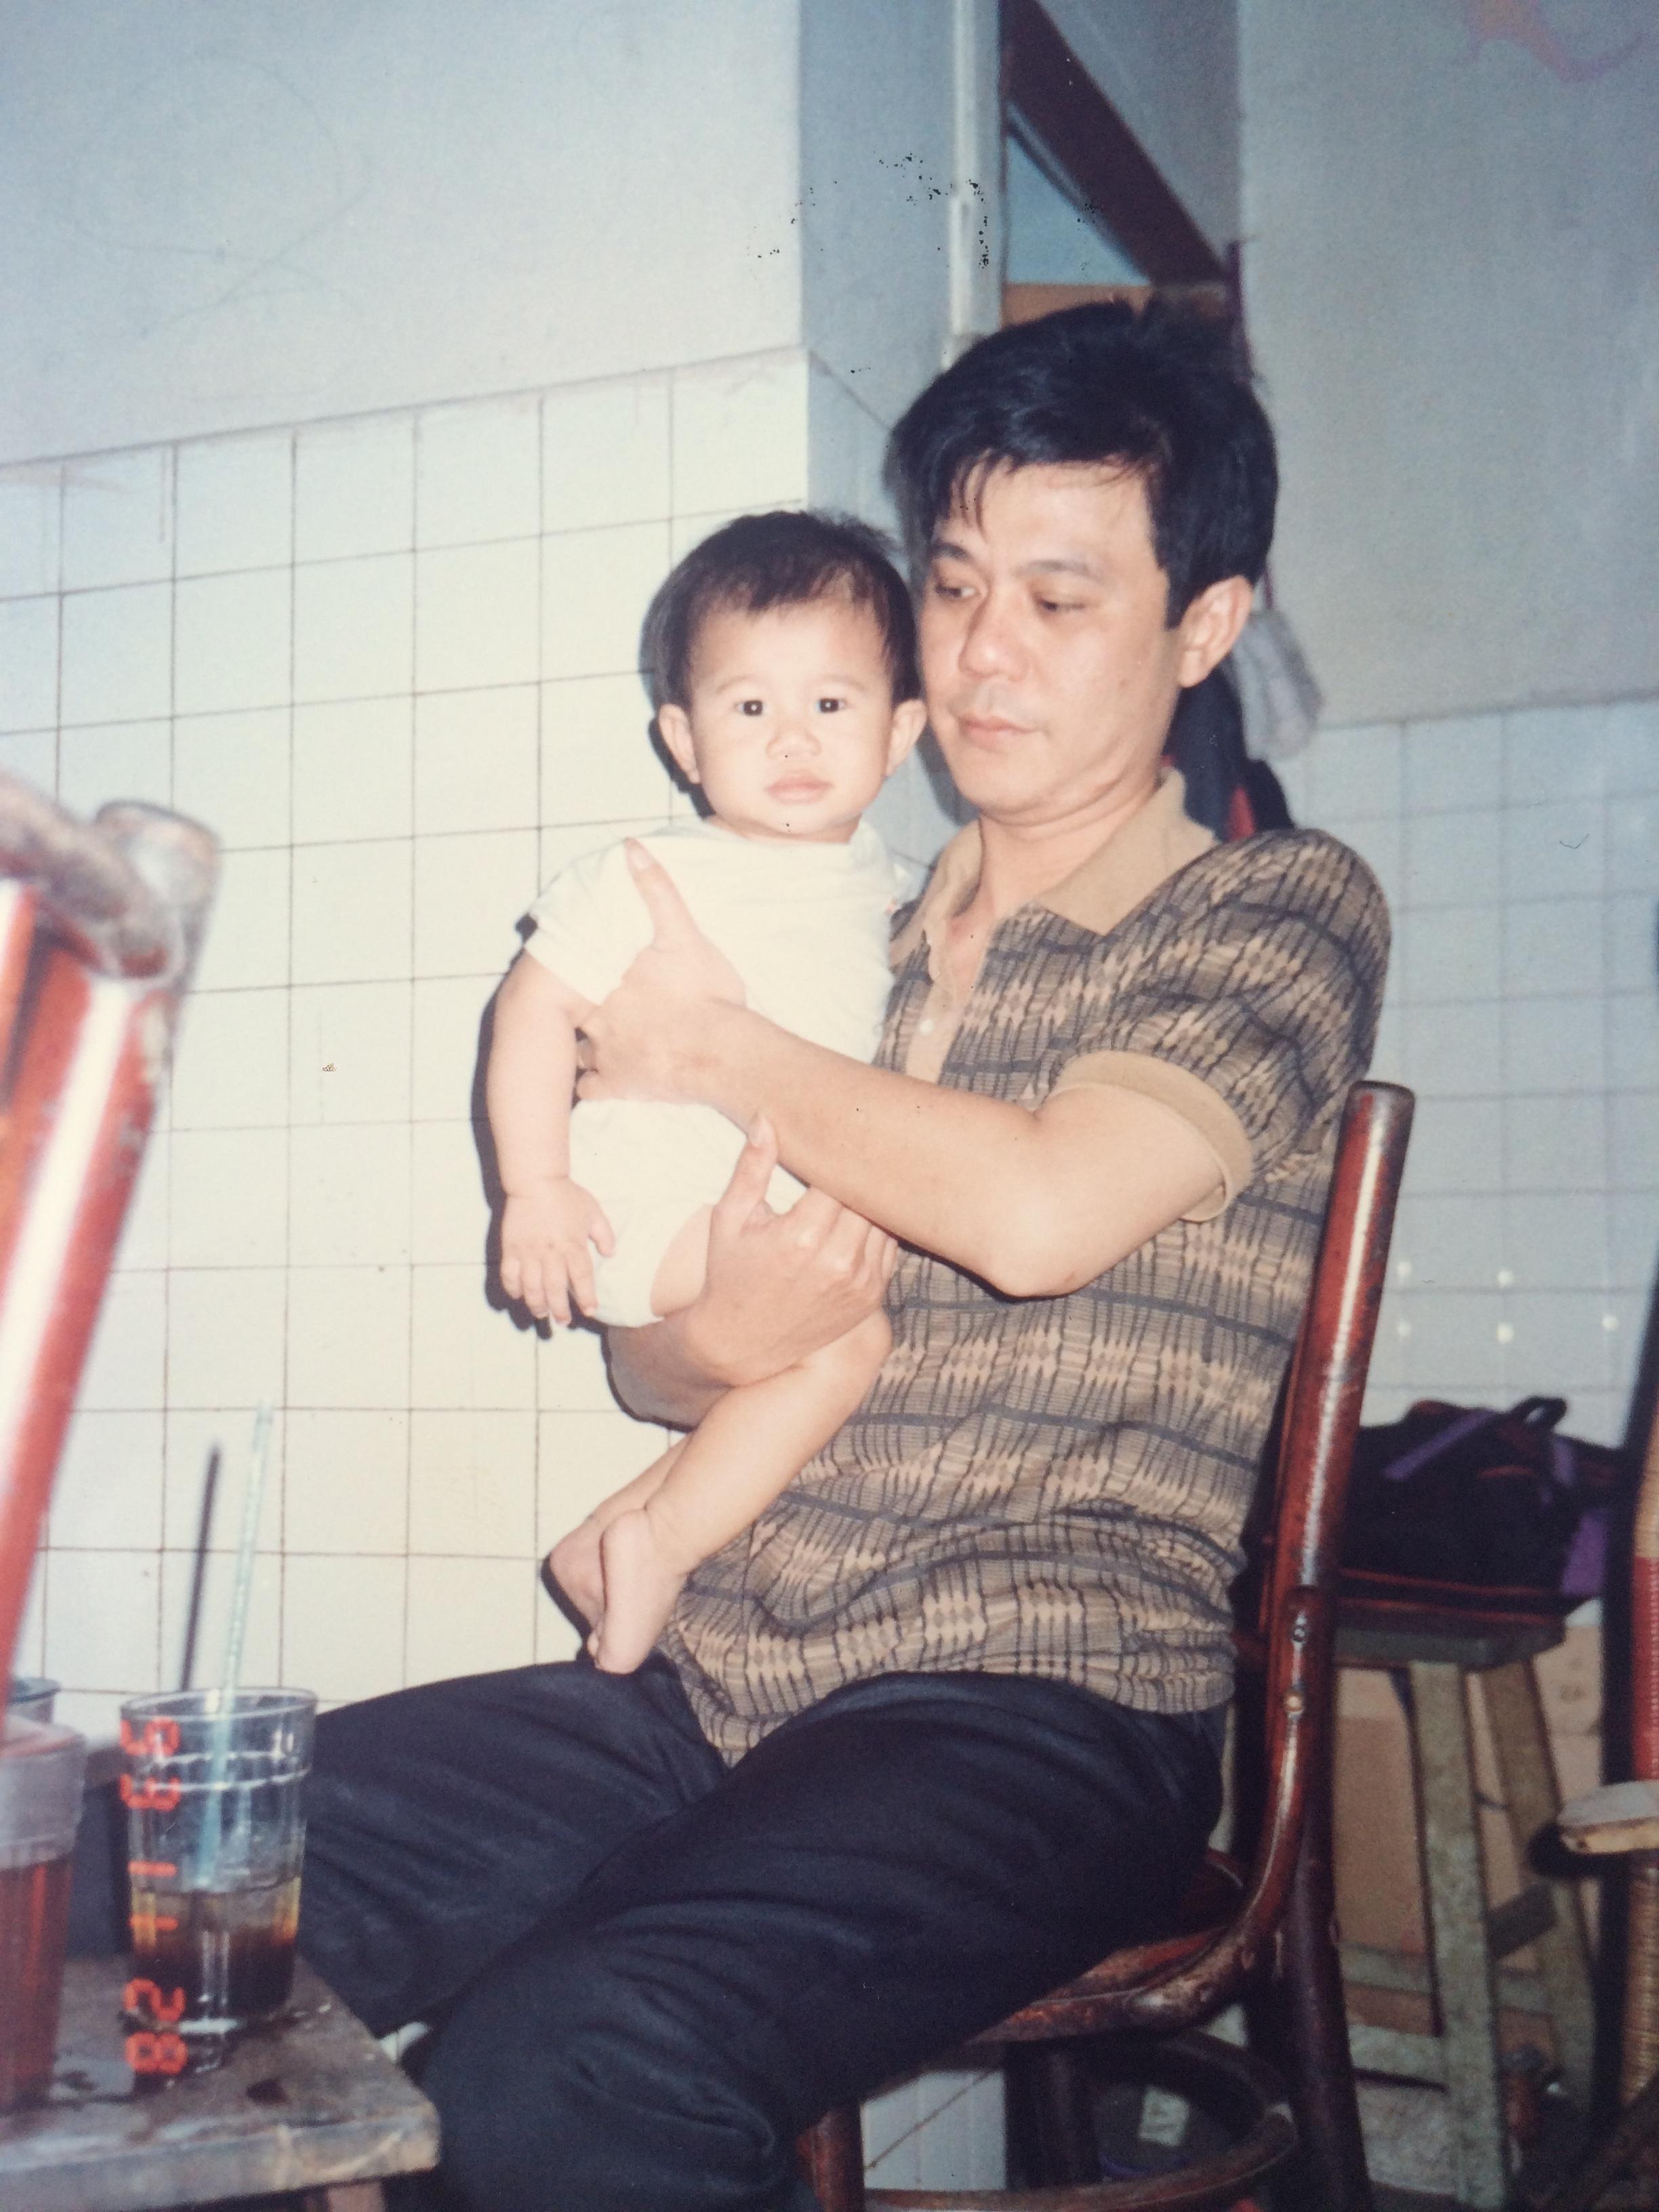 Image from Seng Hoo